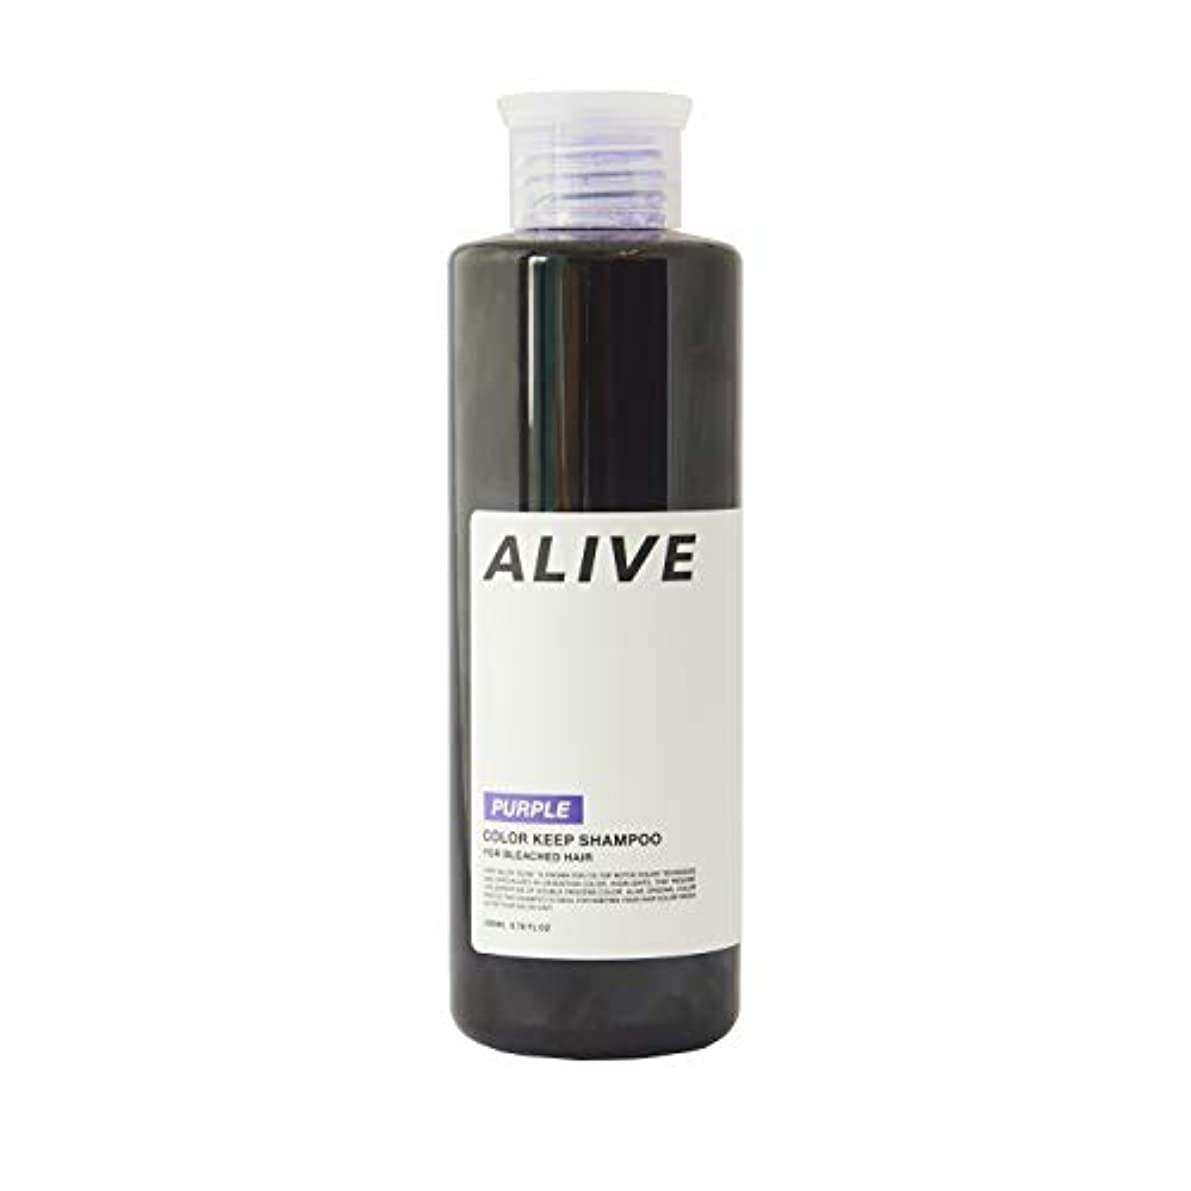 興味コーデリア買うALIVE アライブ カラーシャンプー 極濃 紫シャンプー 200ml ムラサキ パープル ムラシャン ムラサキシャンプー